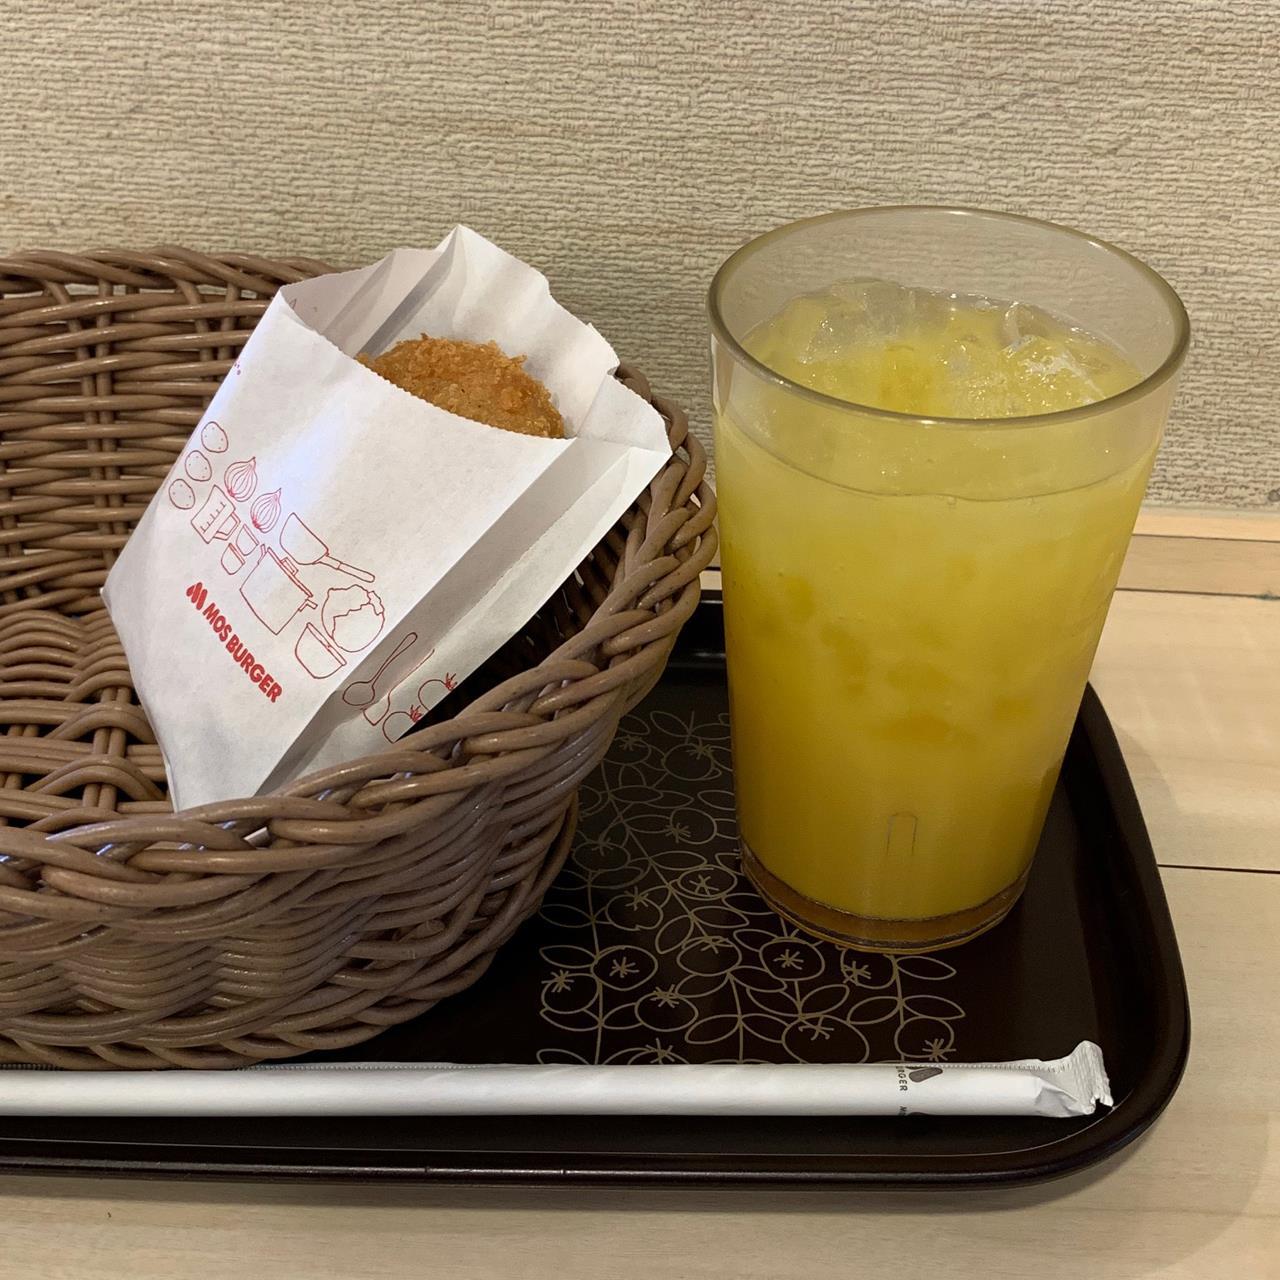 モスバーガー 富士急沼津店 桜エビコロッケ&オレンジジュース